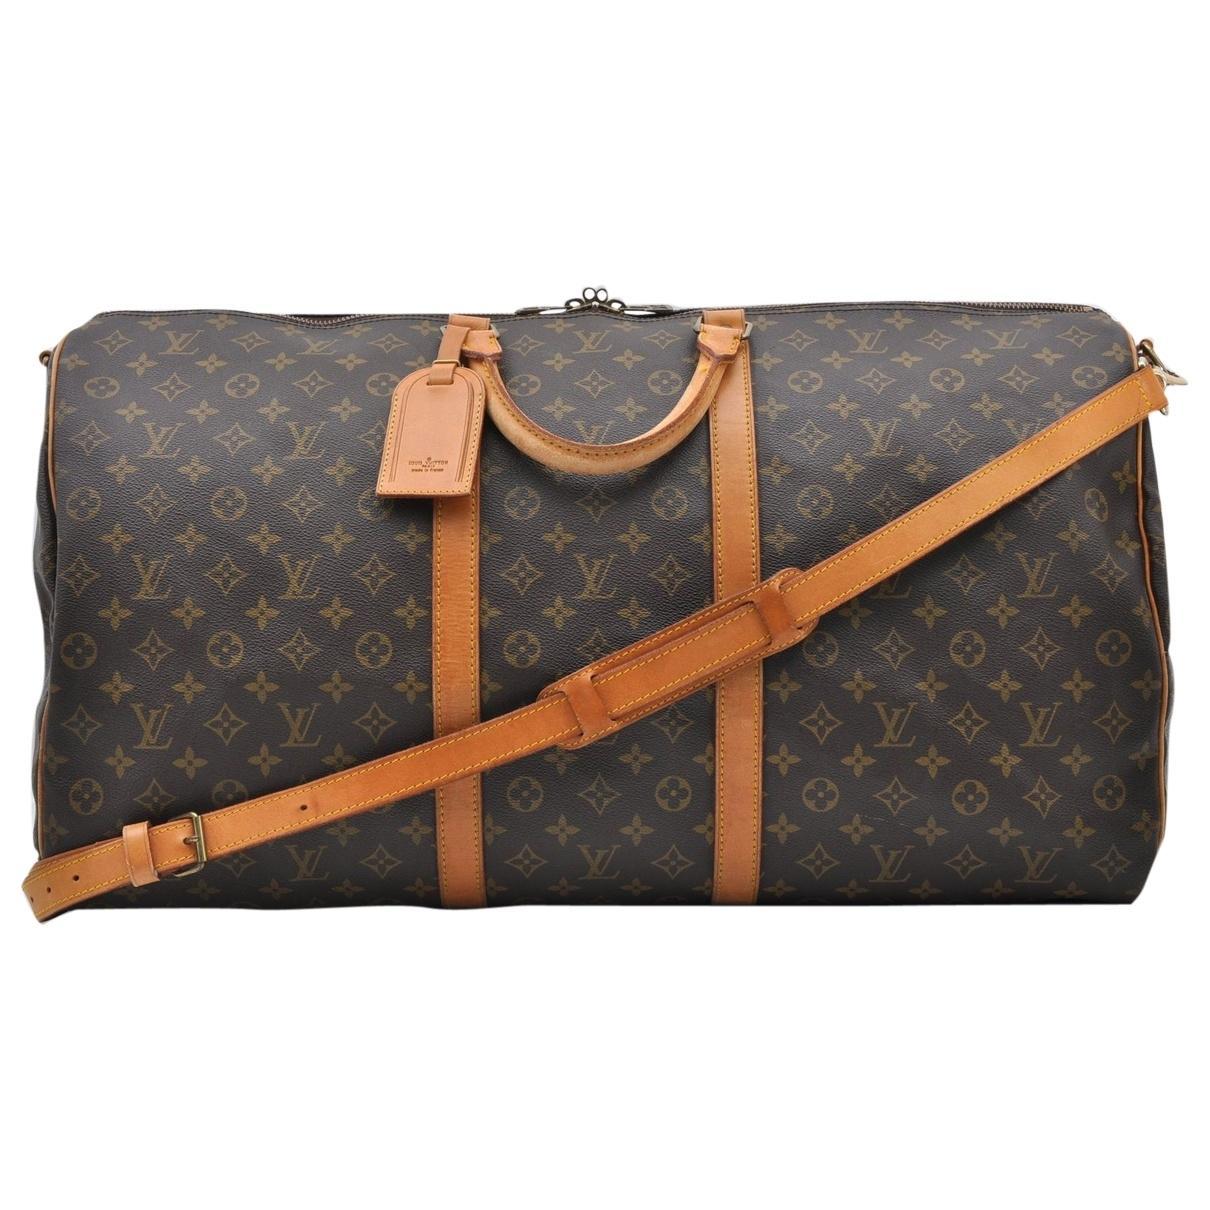 b3f8a352b46ff Lyst - Louis Vuitton Keepall Cloth Travel Bag in Brown